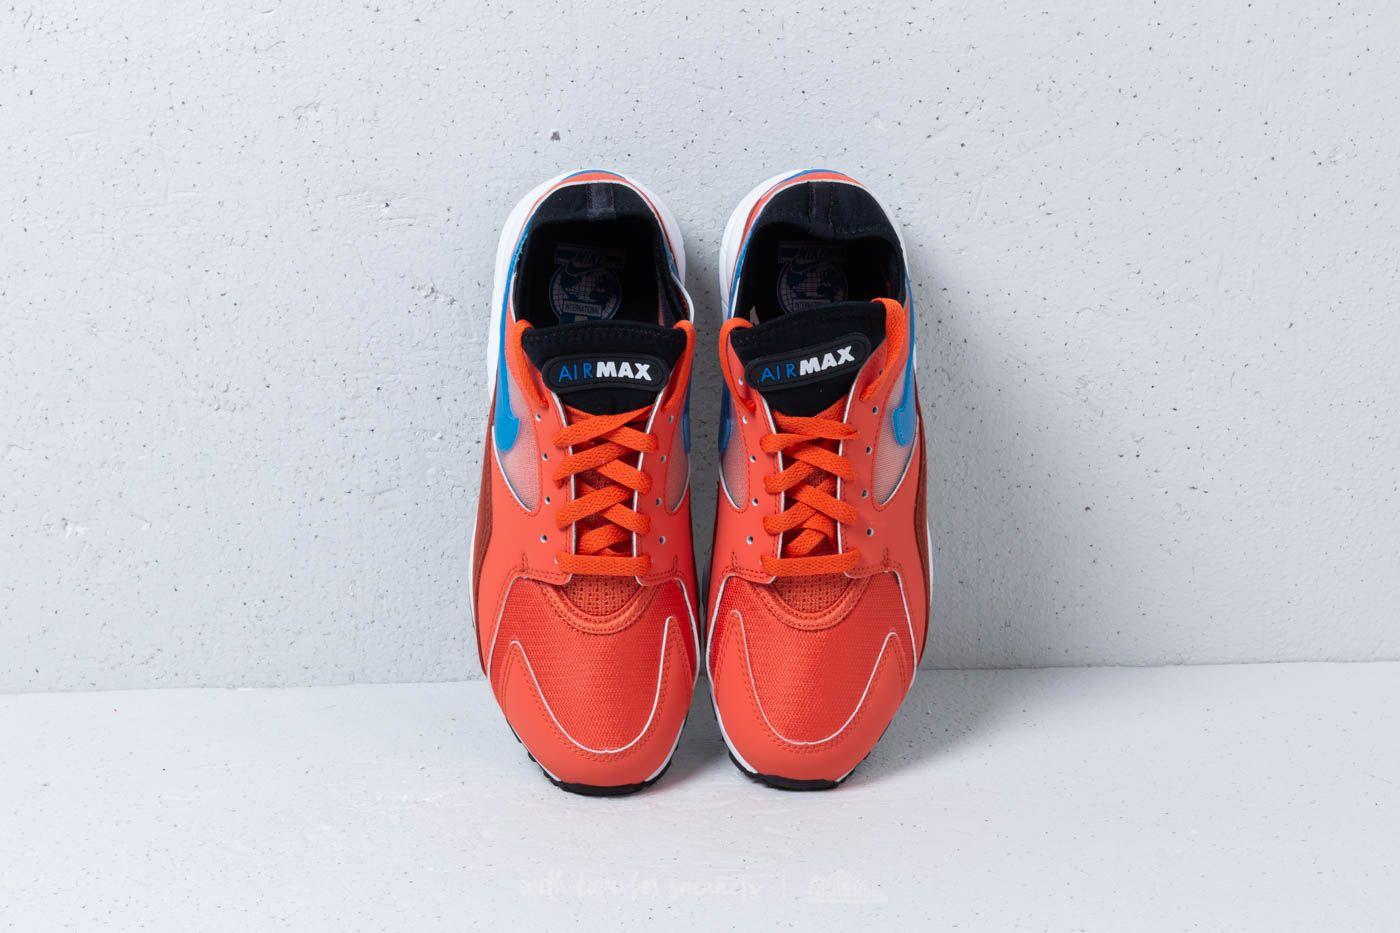 Fábula Larry Belmont Principiante  Men's shoes Nike Air Max 93 Vintage Coral/ Blue Nebula